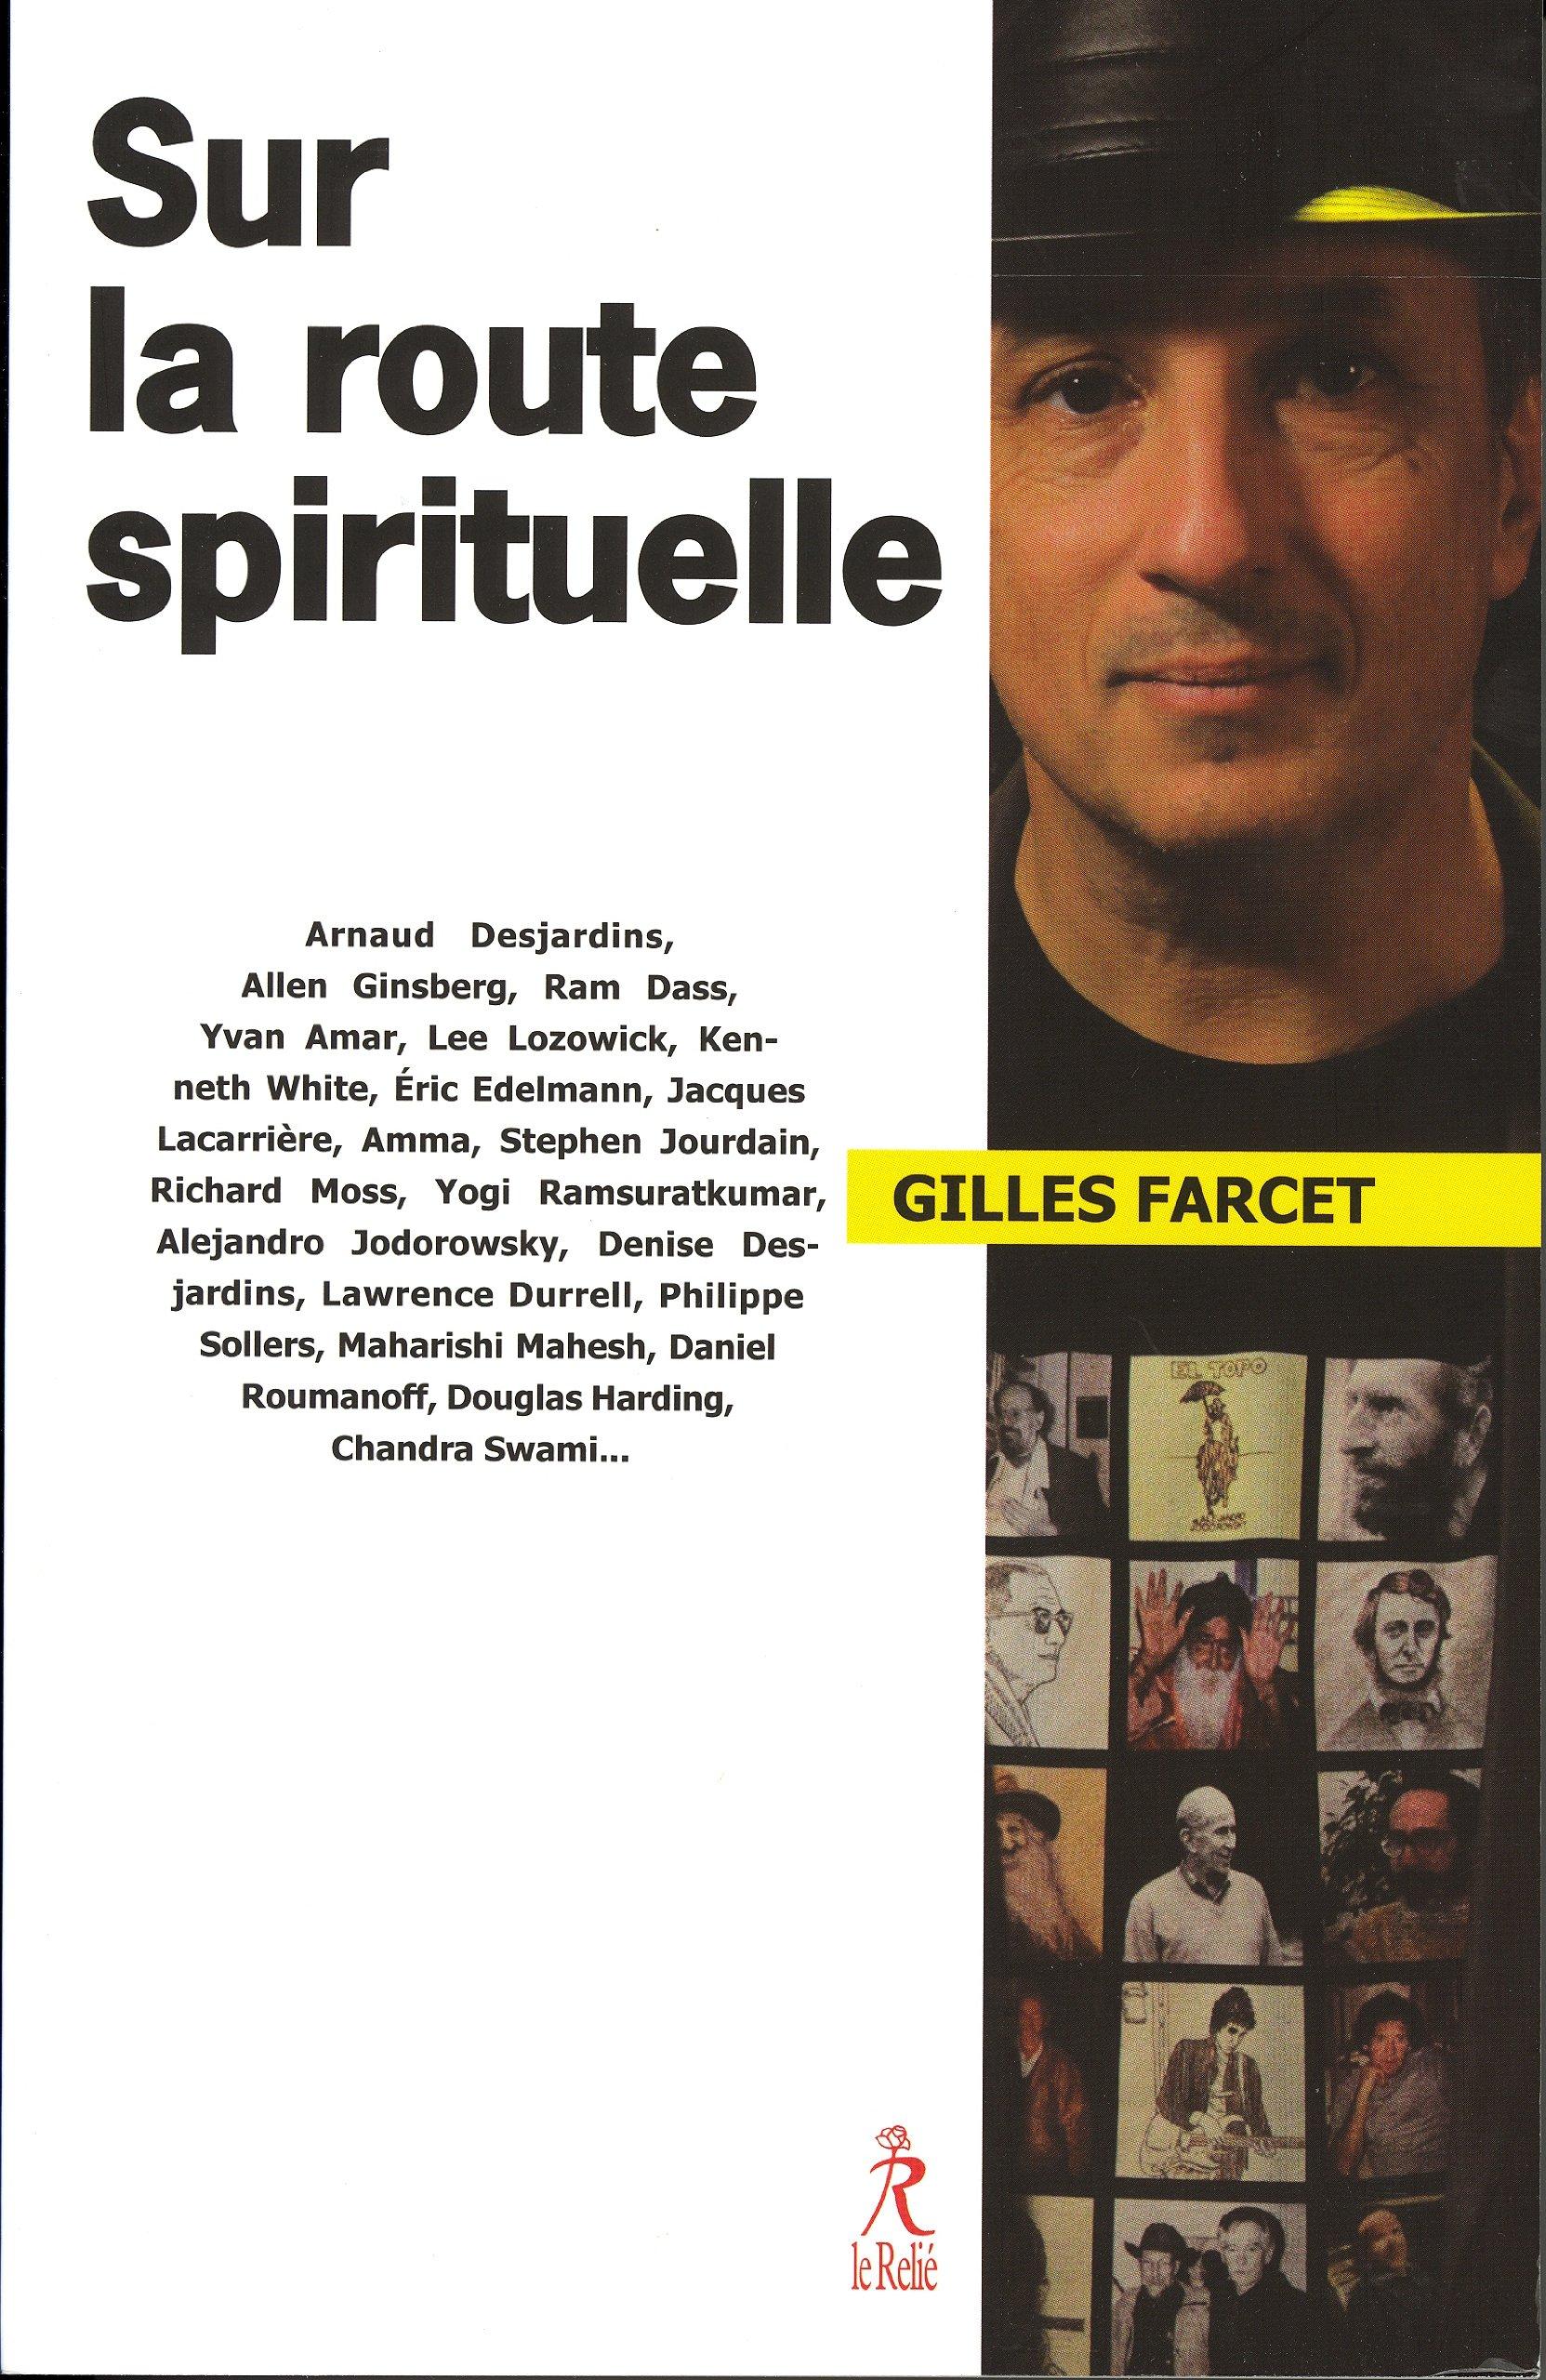 """Résultat de recherche d'images pour """"gilles farcet sur la route spirituelle"""""""